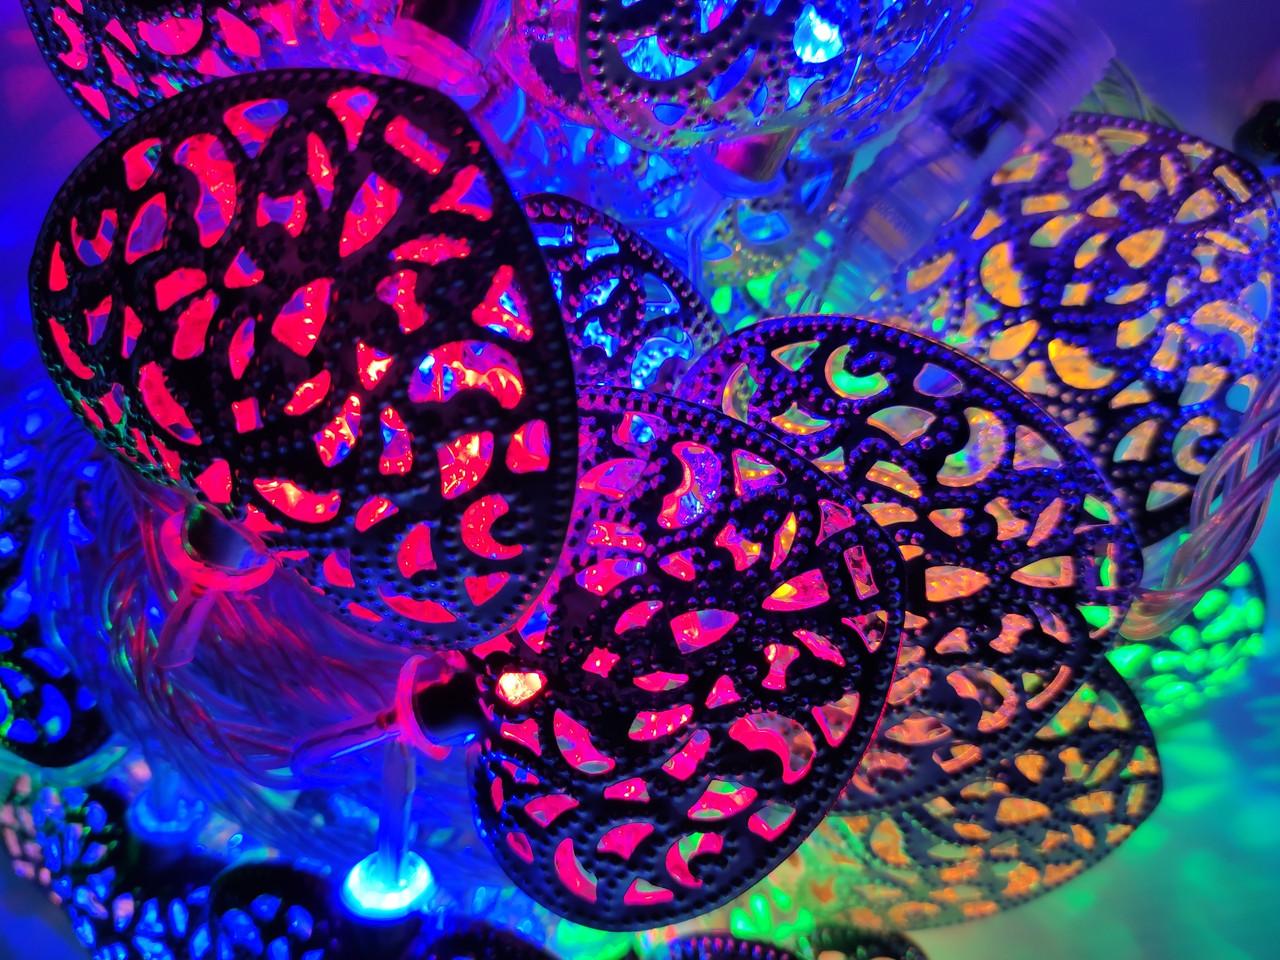 Светодиодная гирлянда сердечки 5 метра разноцветная IP20